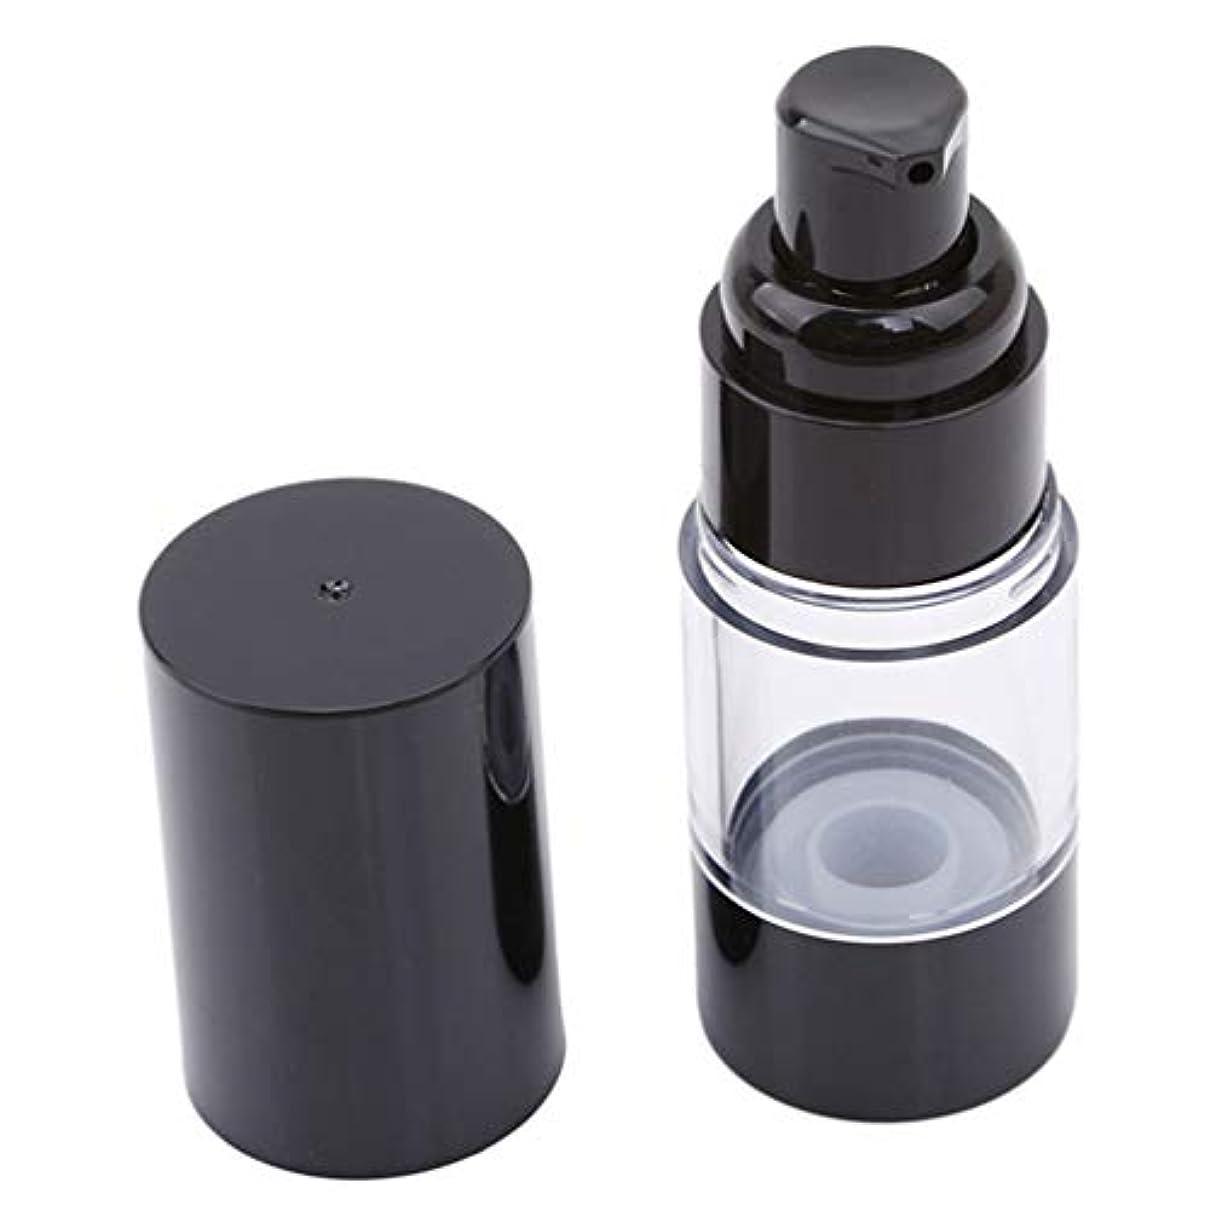 農業熱オリエントLJSLYJ 真空ポンプ化粧品ボトル旅行ポータブルBBクリームファンデーションプレスミニエマルジョンスプレー空のボトル、15ミリリットル